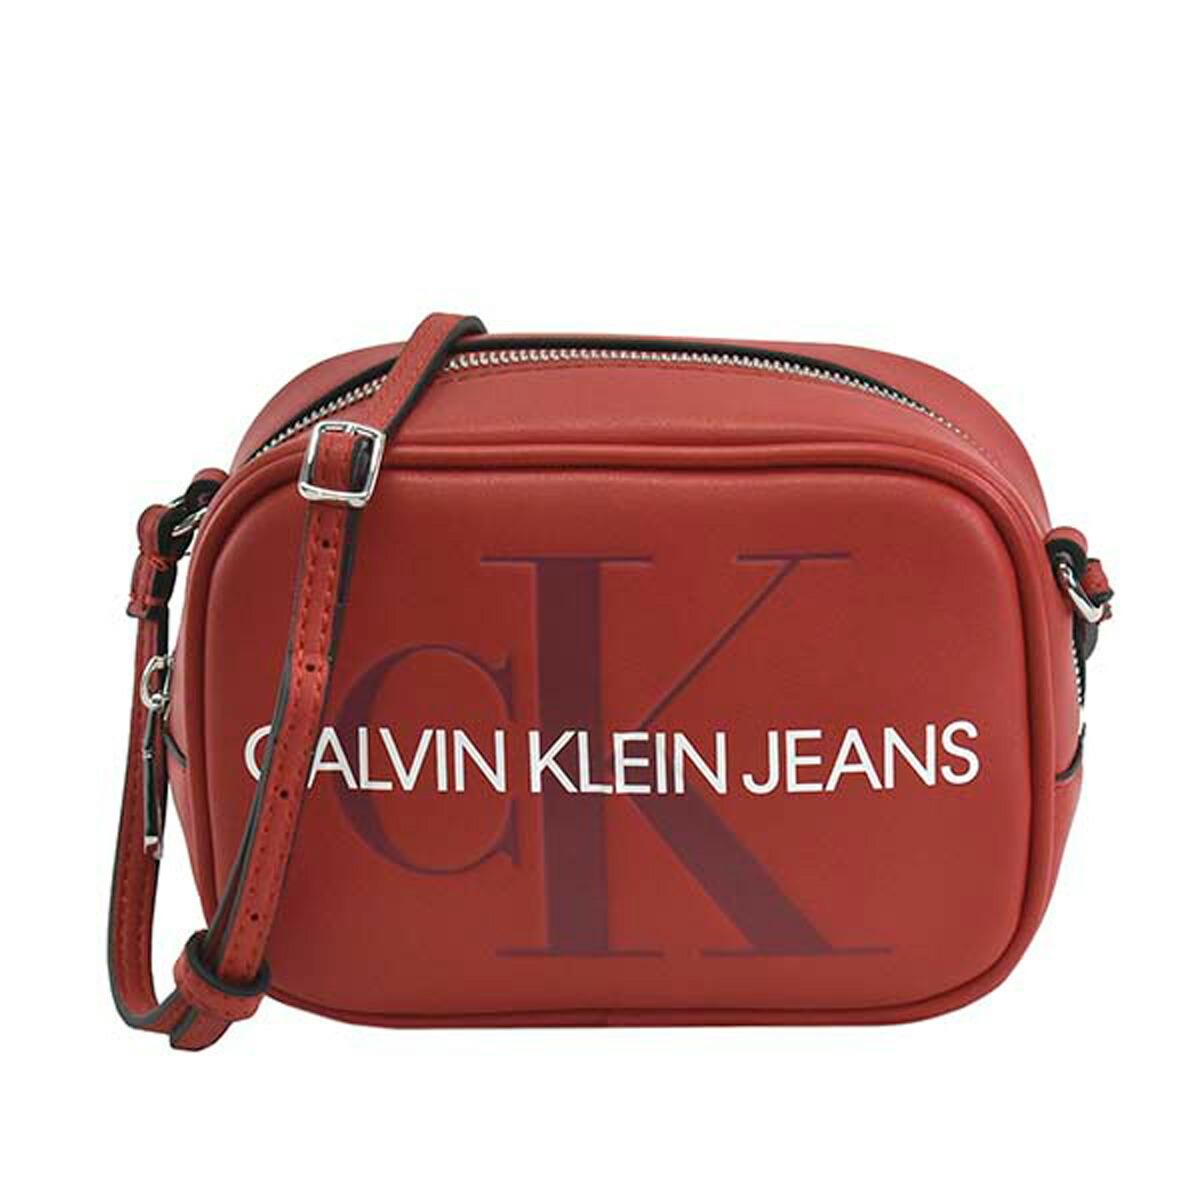 カルバンクラインジーンズ Calvin Klein Jeans CK バッグ K60K605524 649 SCULPTED MONOGRAM CAMERA BAG スカルプトゥ モノグラム カメラバッグ 斜めがけバッグ ミニバッグ ショルダーバッグ BARBADOS CHERRY レッド系+ライトブルー系